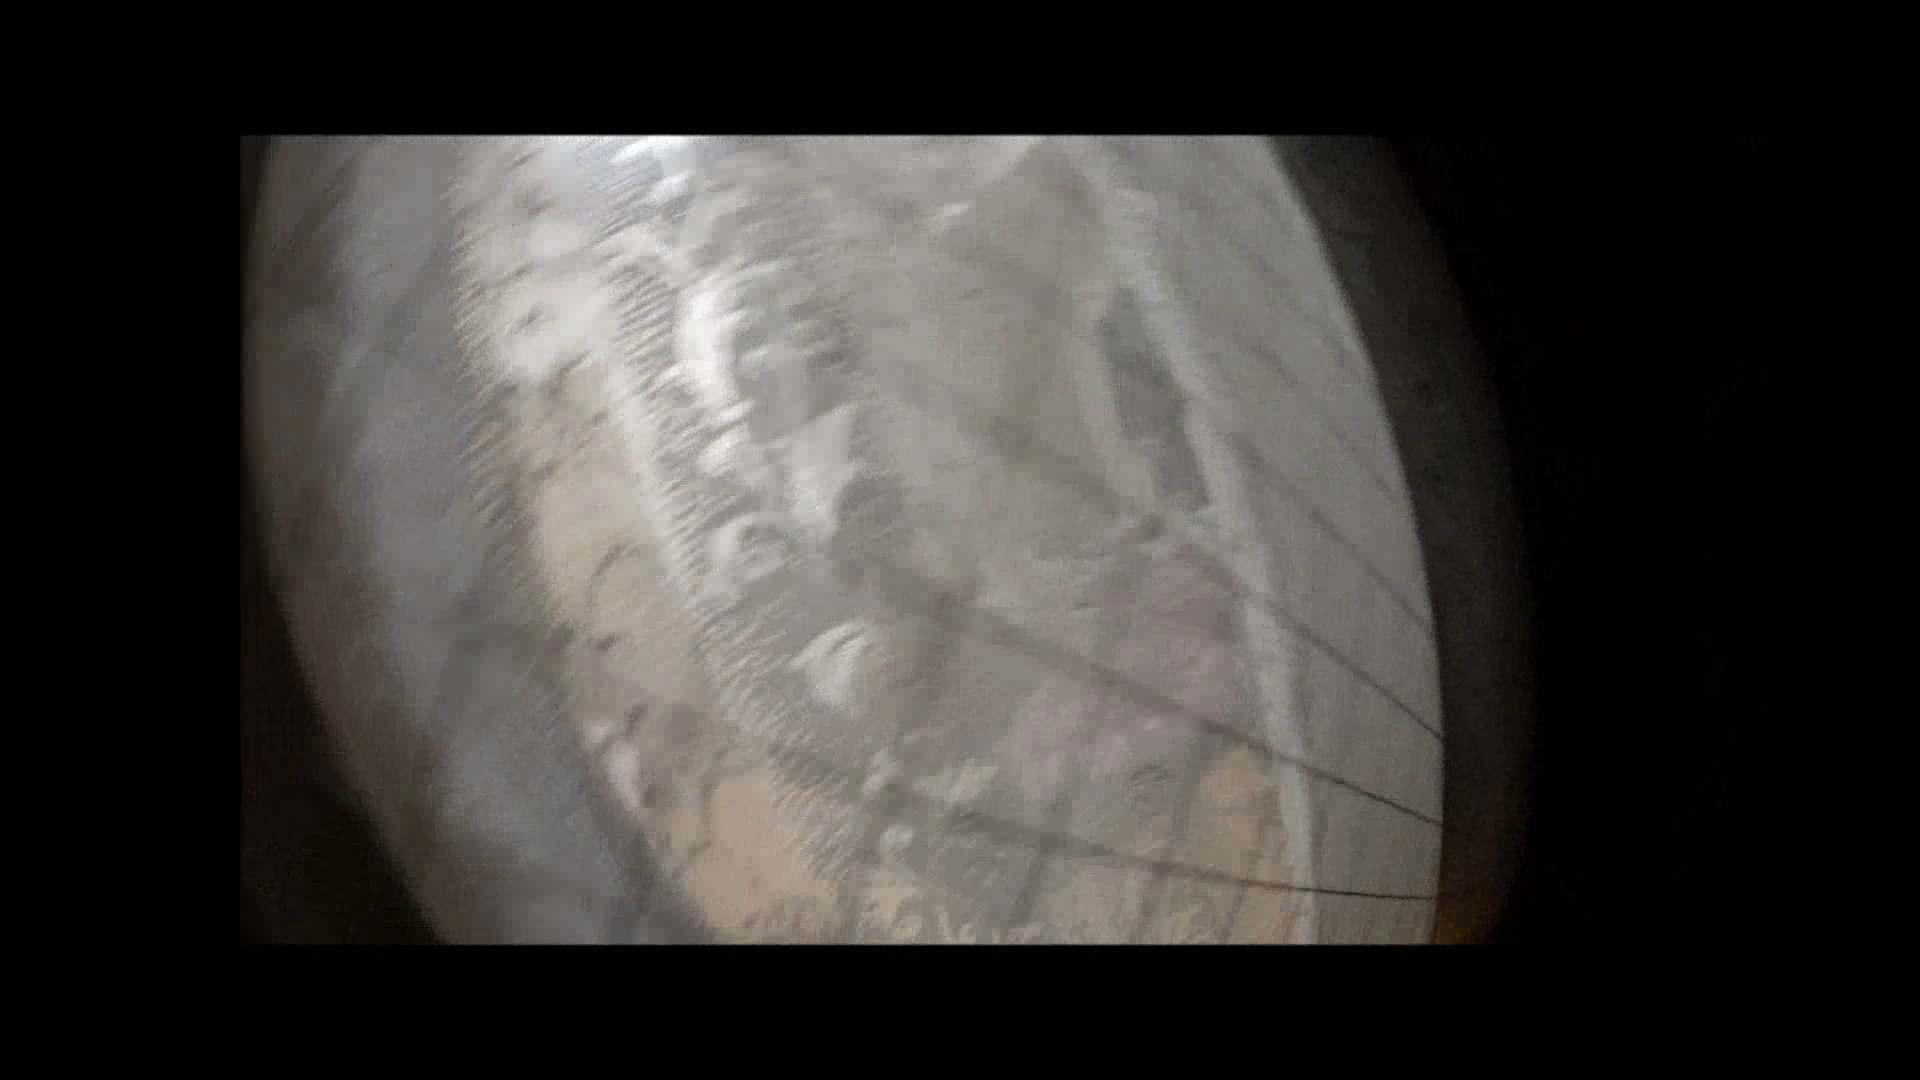 【04】別の日・・・魚眼レンズで広角に撮れました。 Hな熟女 えろ無修正画像 111pic 87